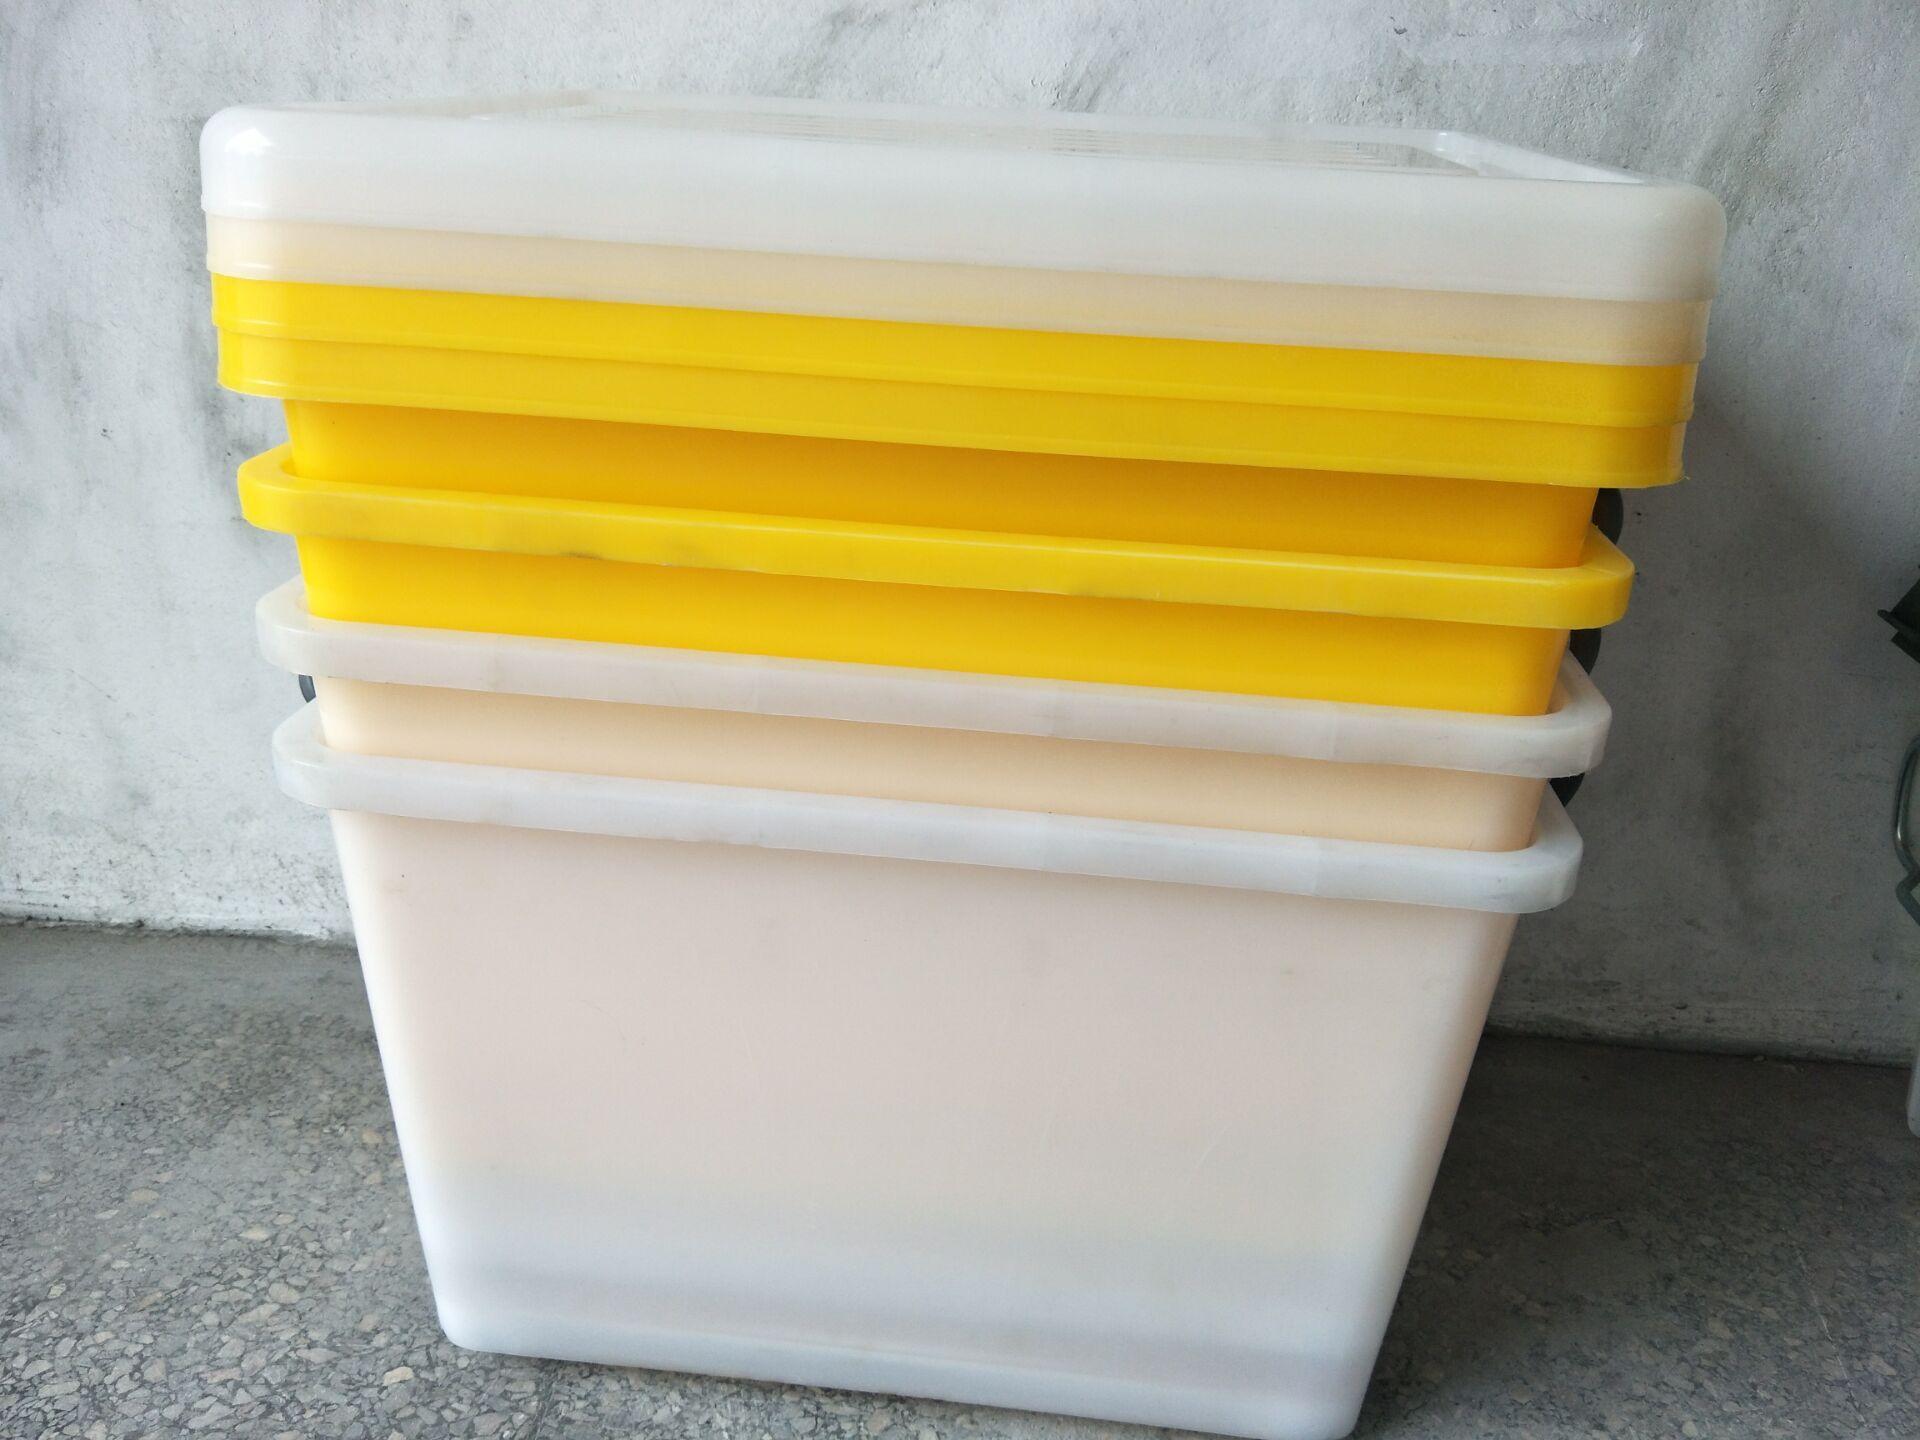 广东塑料收纳箱 塑胶储物箱价格  厂家直销加厚收纳箱 带轮子塑料衣物整理箱